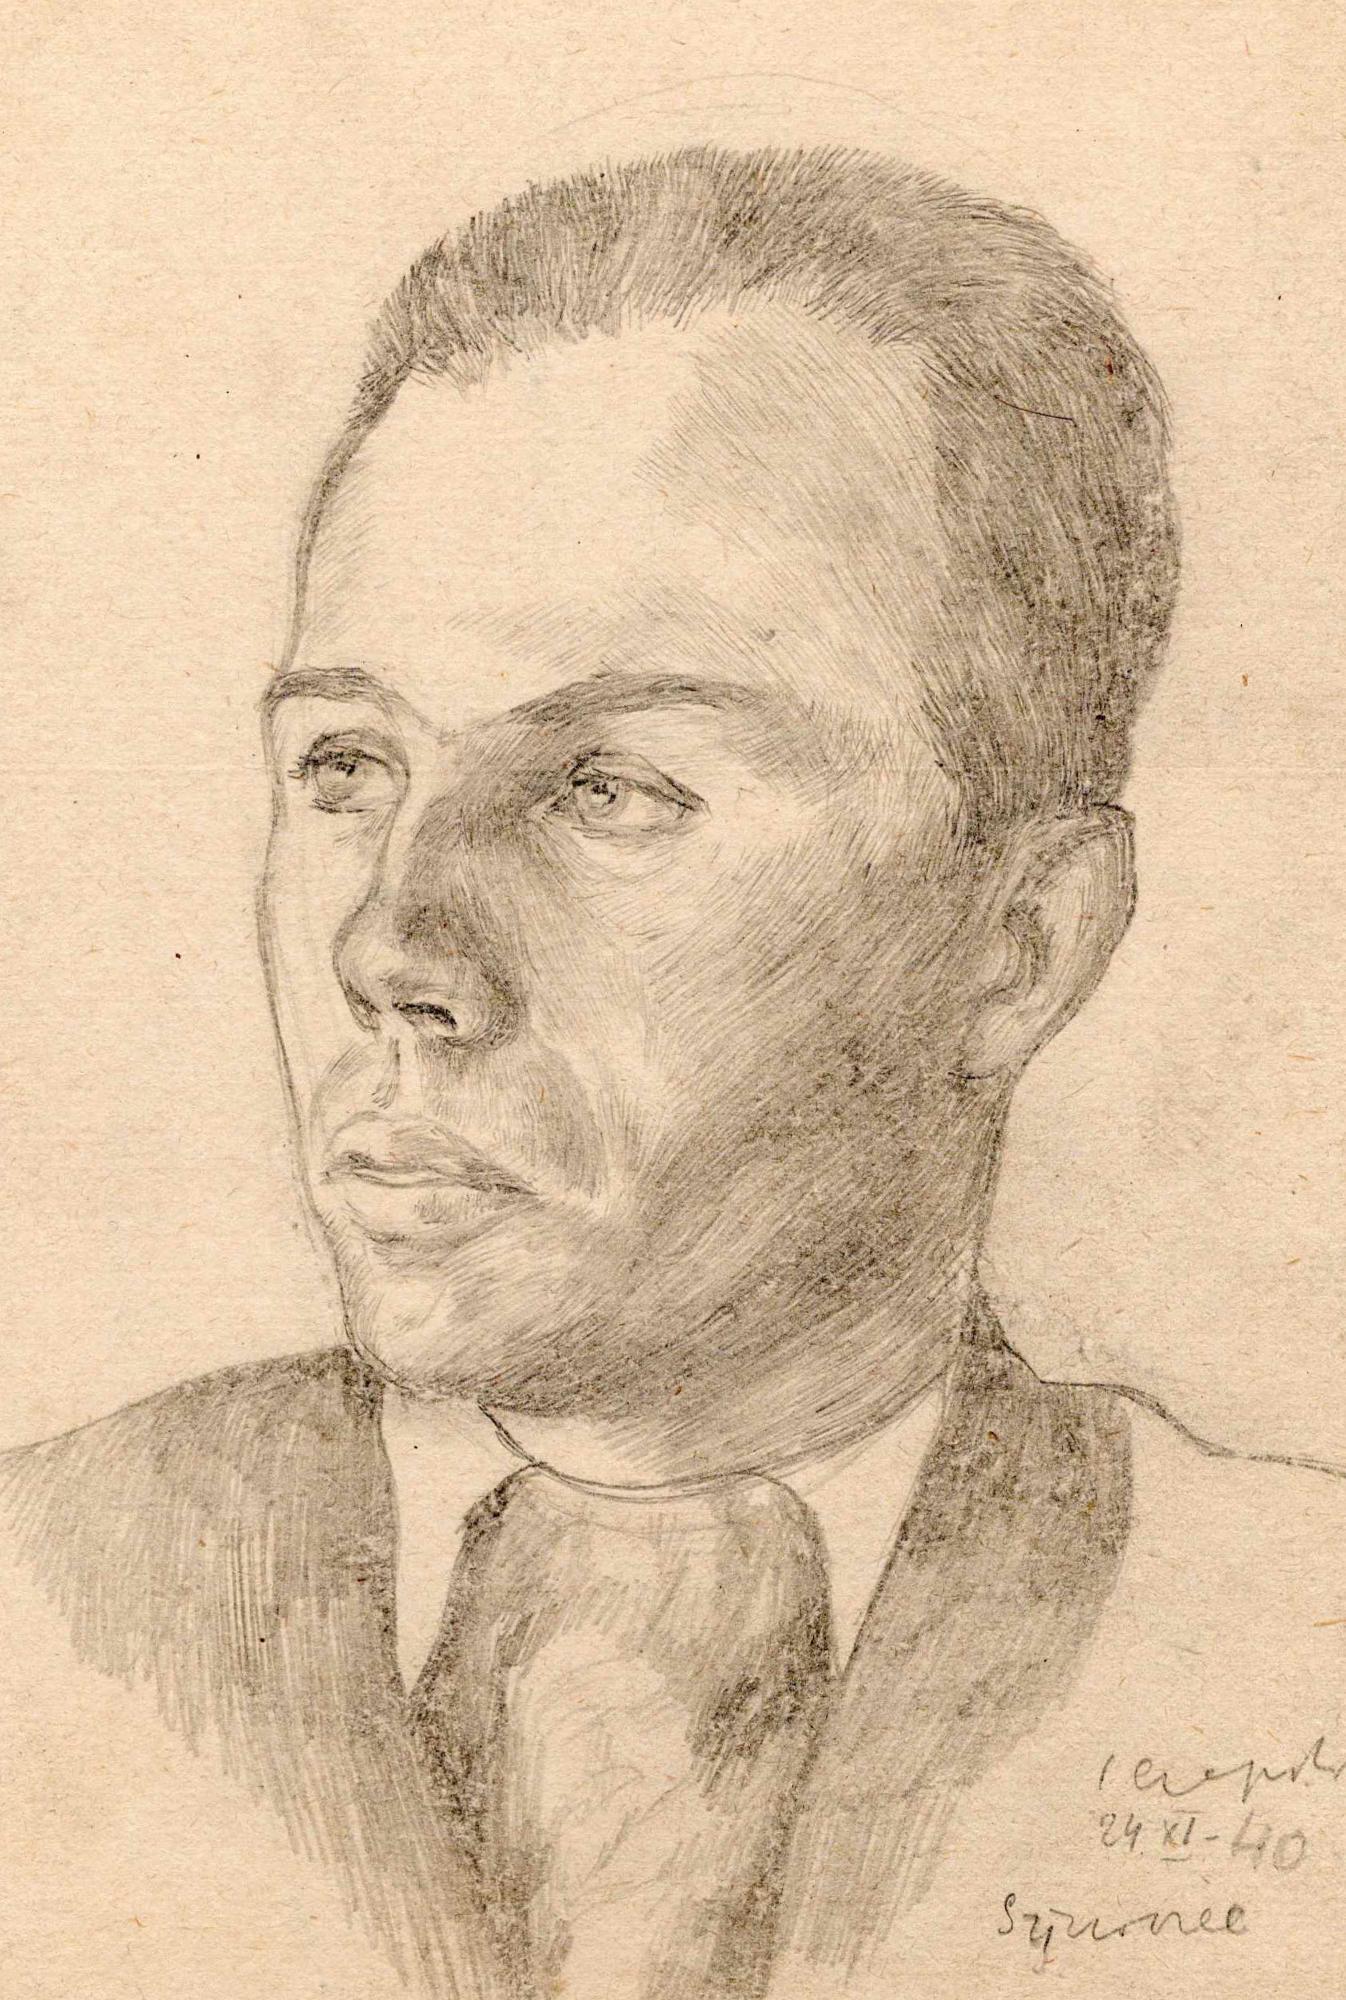 Portret przedstawiający Aleksandra Witliba wykonany przezJózefa Czapskiego wobozie wGriazowcu. Ołówek napapierze, 24 listopada 1940